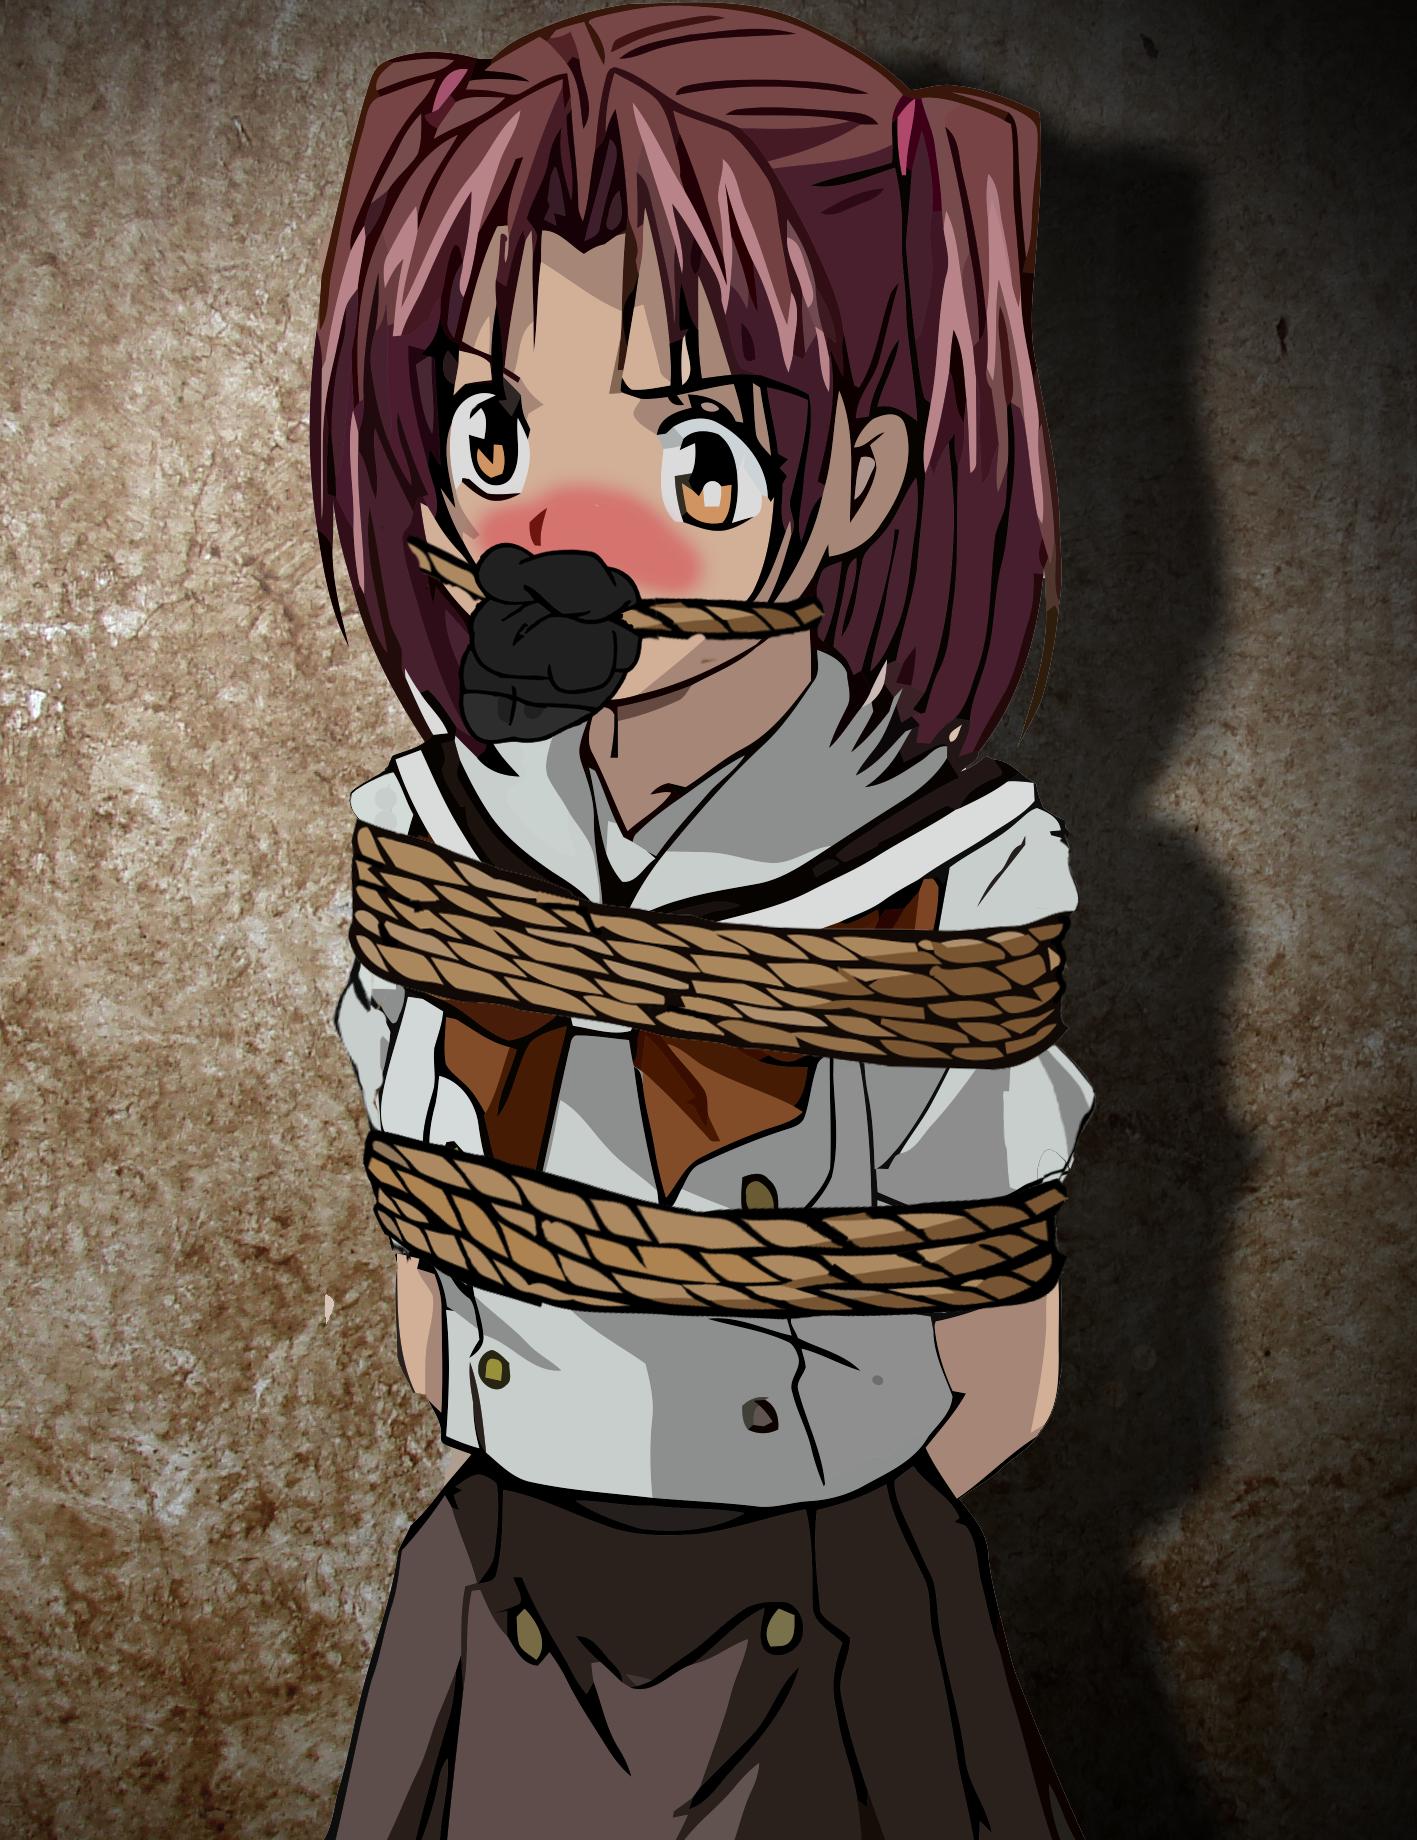 Gagged anime